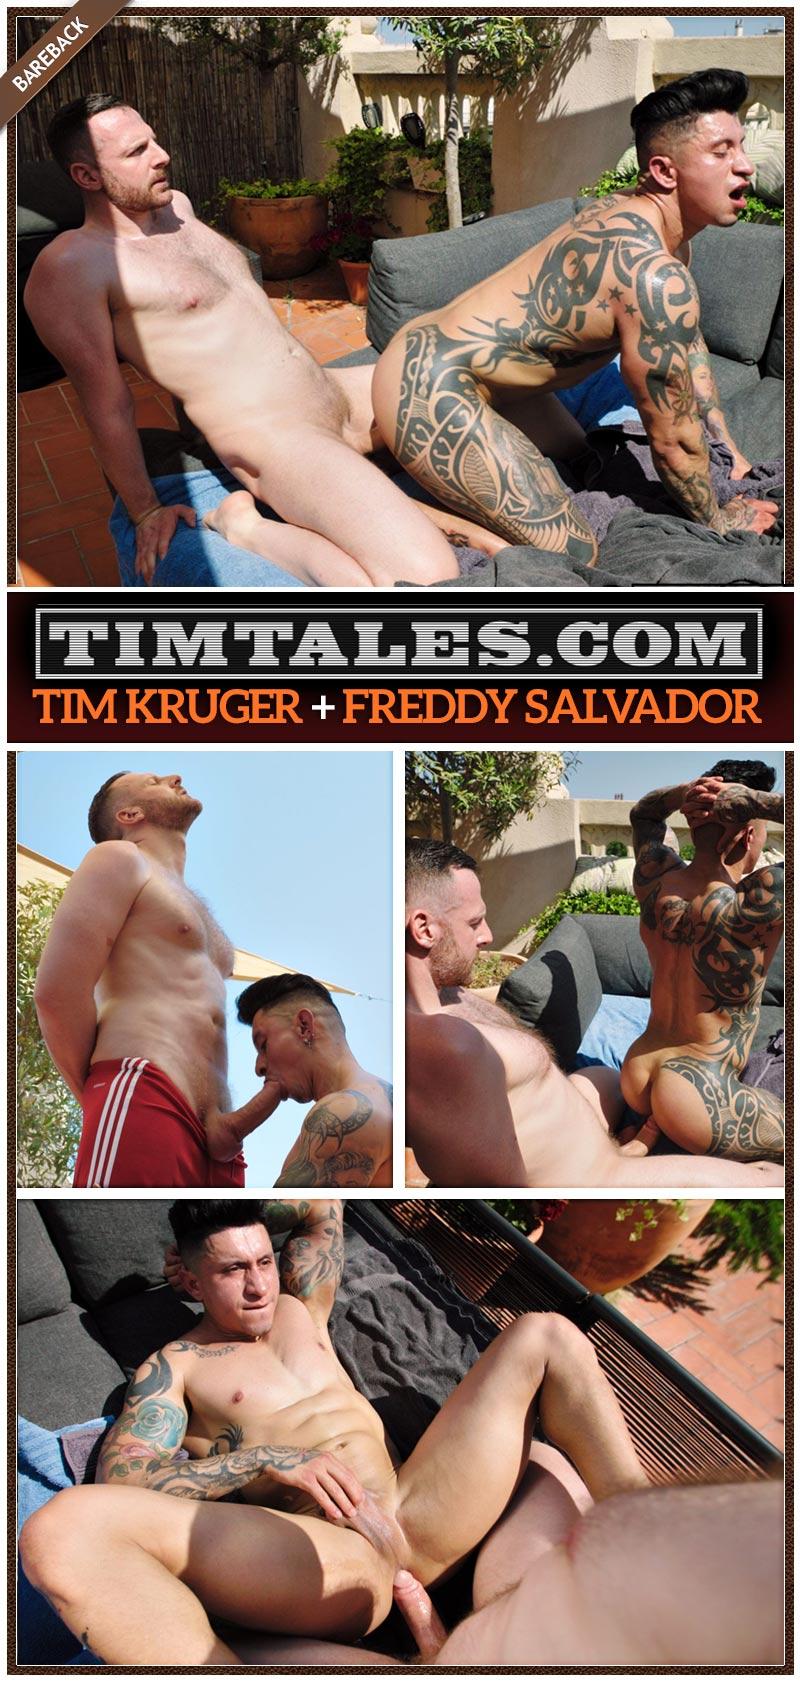 Tim Kruger Fucks Freddy Salvador at TimTales